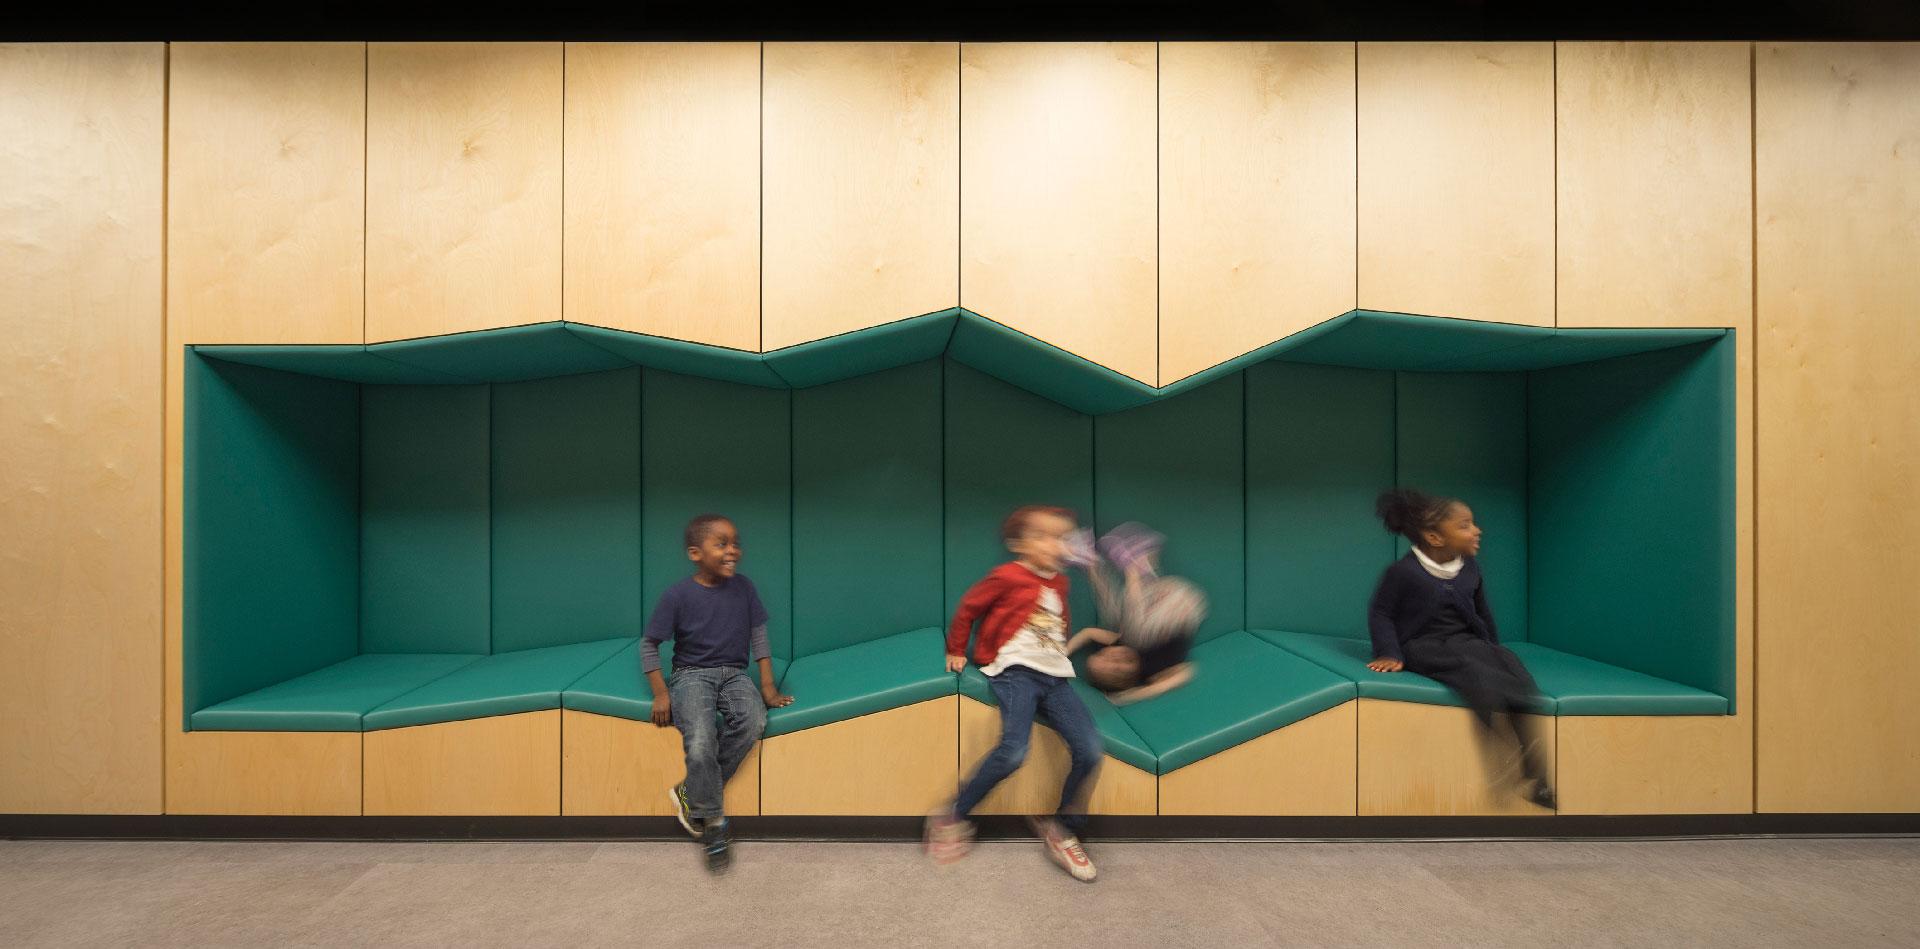 La musique aux enfants -  LEMAY MICHAUD  + OSM © Raphaël Thibodeau